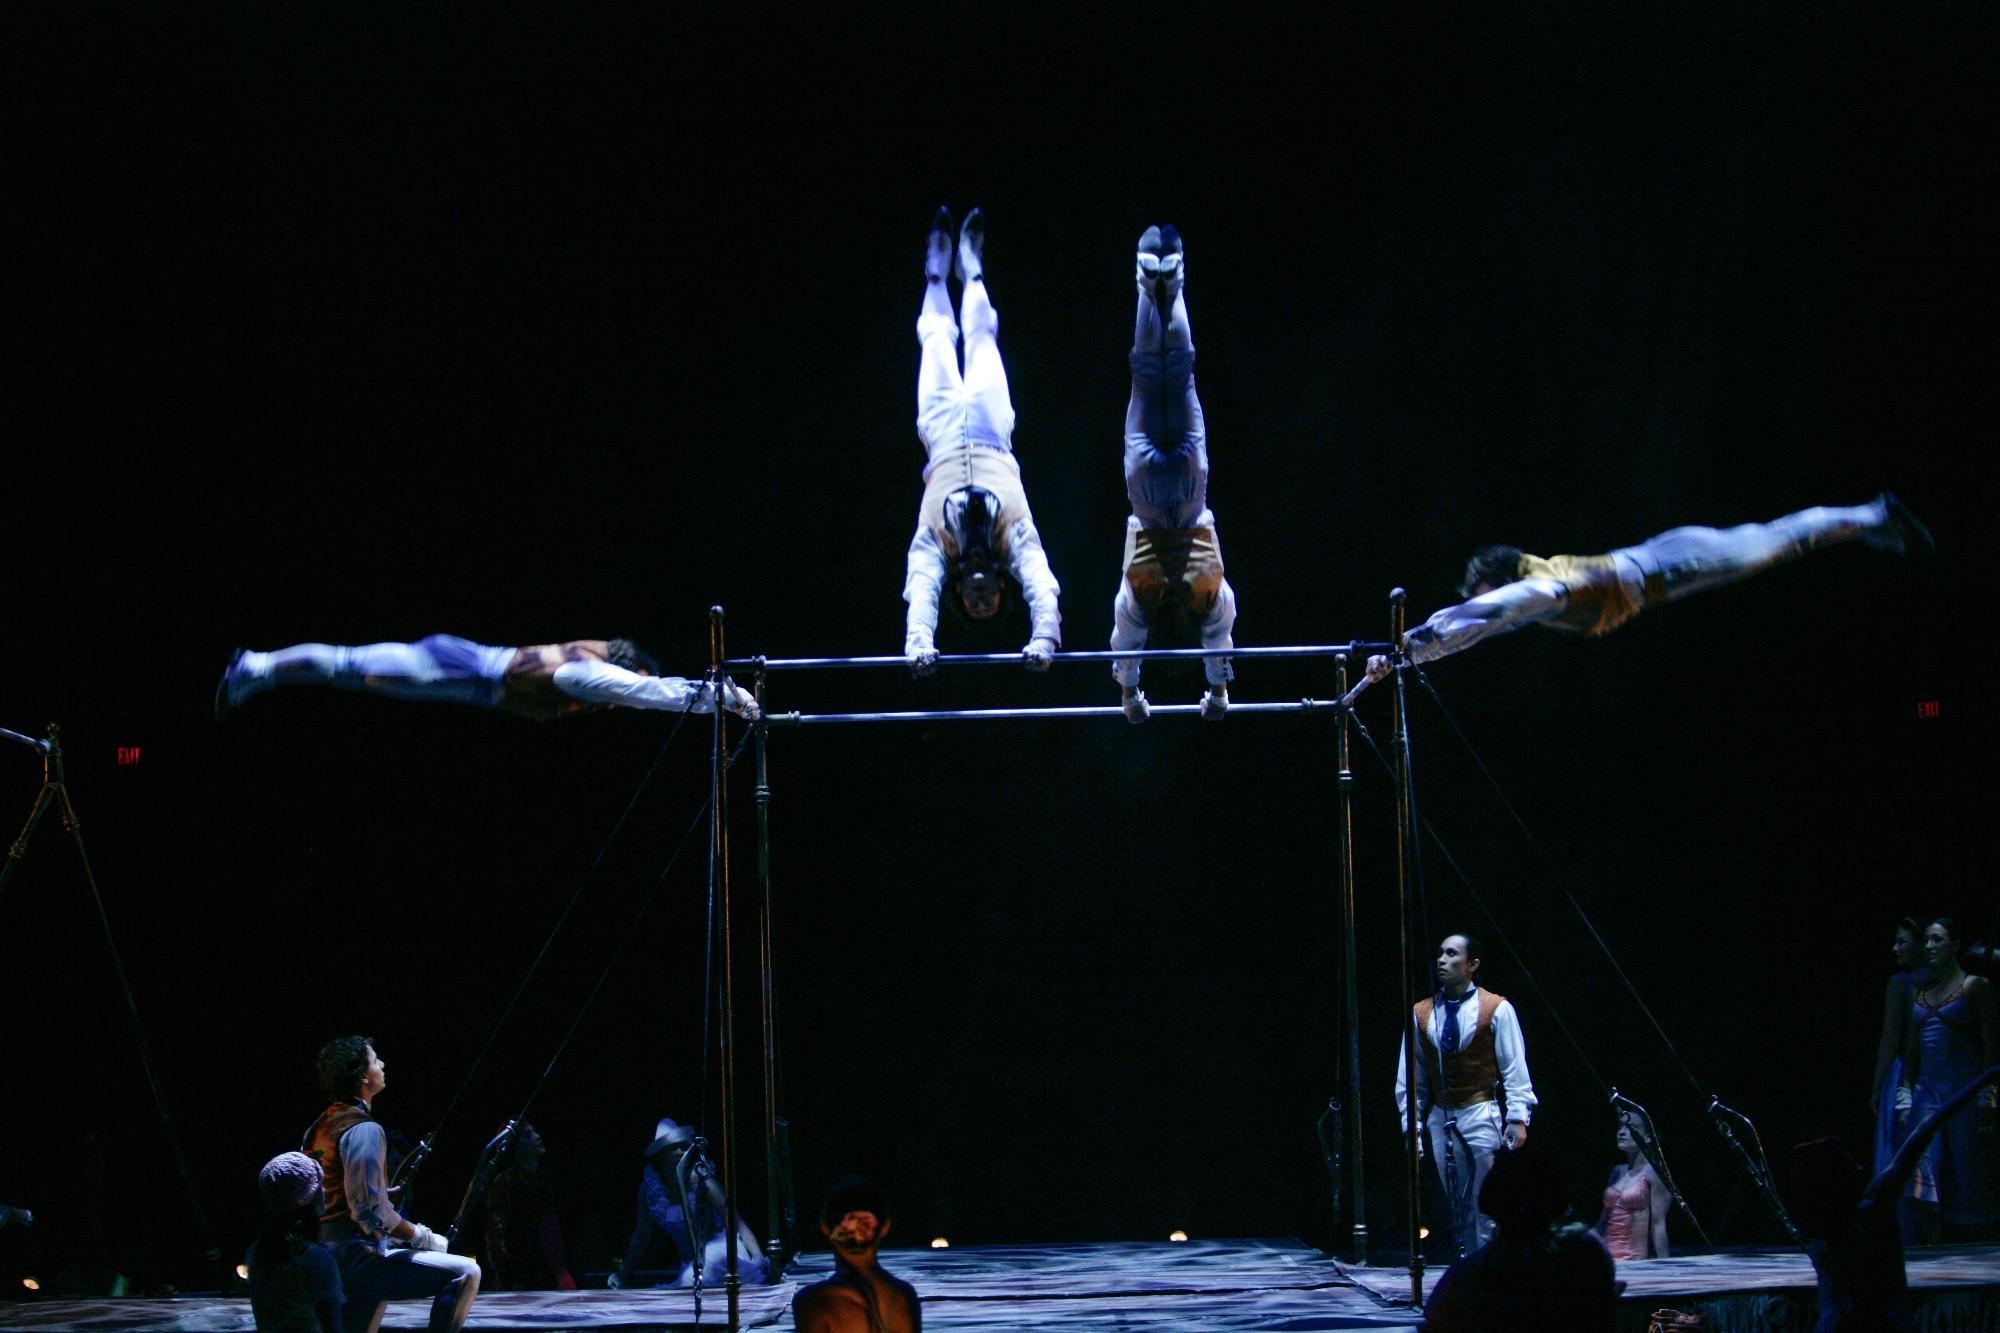 Corteo , tra poesia e stupore arriva il nuovo spettacolo del  Cirque du Soleil